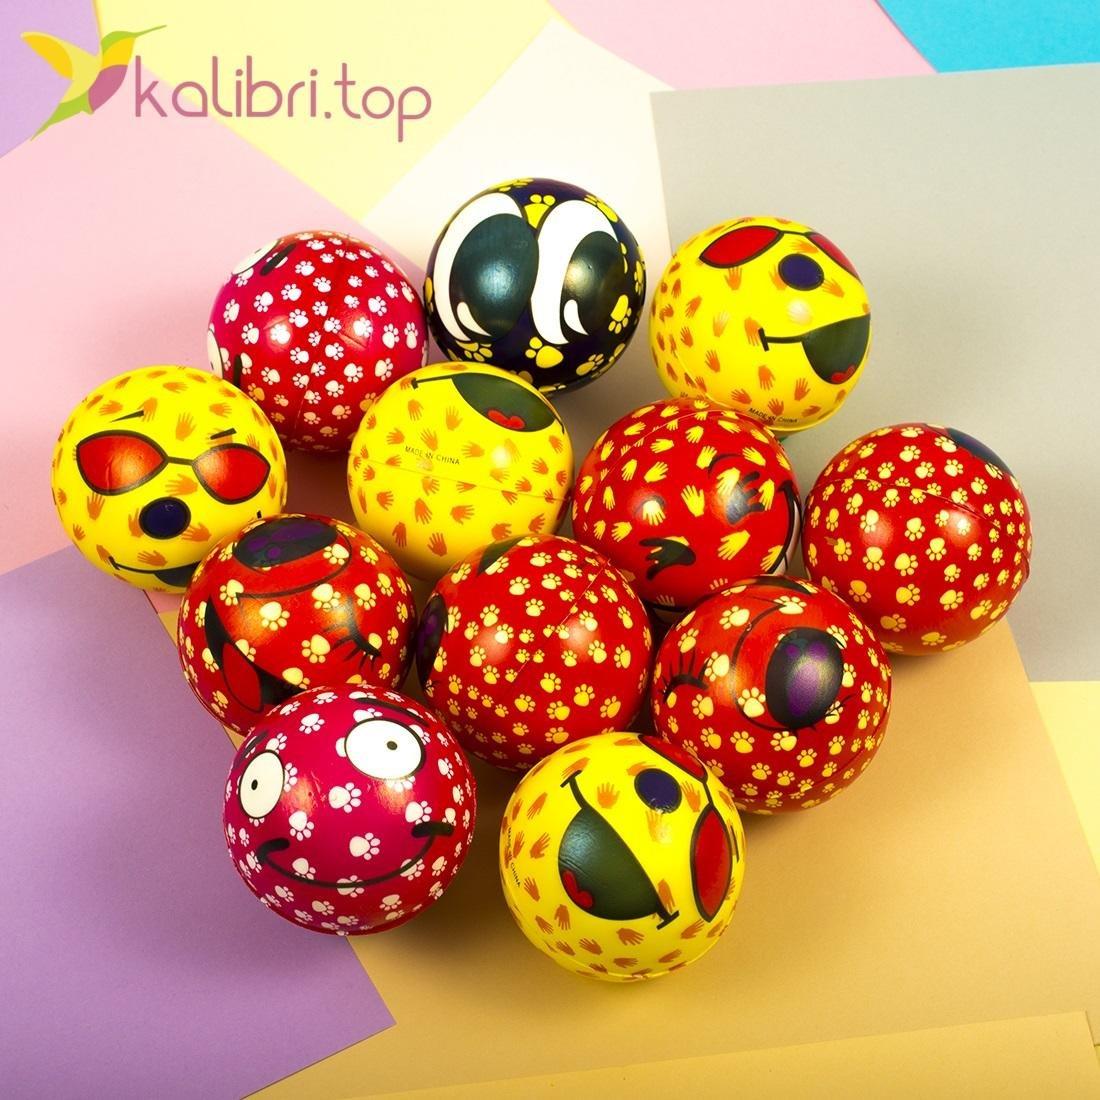 Мячики мягкие, поролоновые Лапки, оптом - фото 1